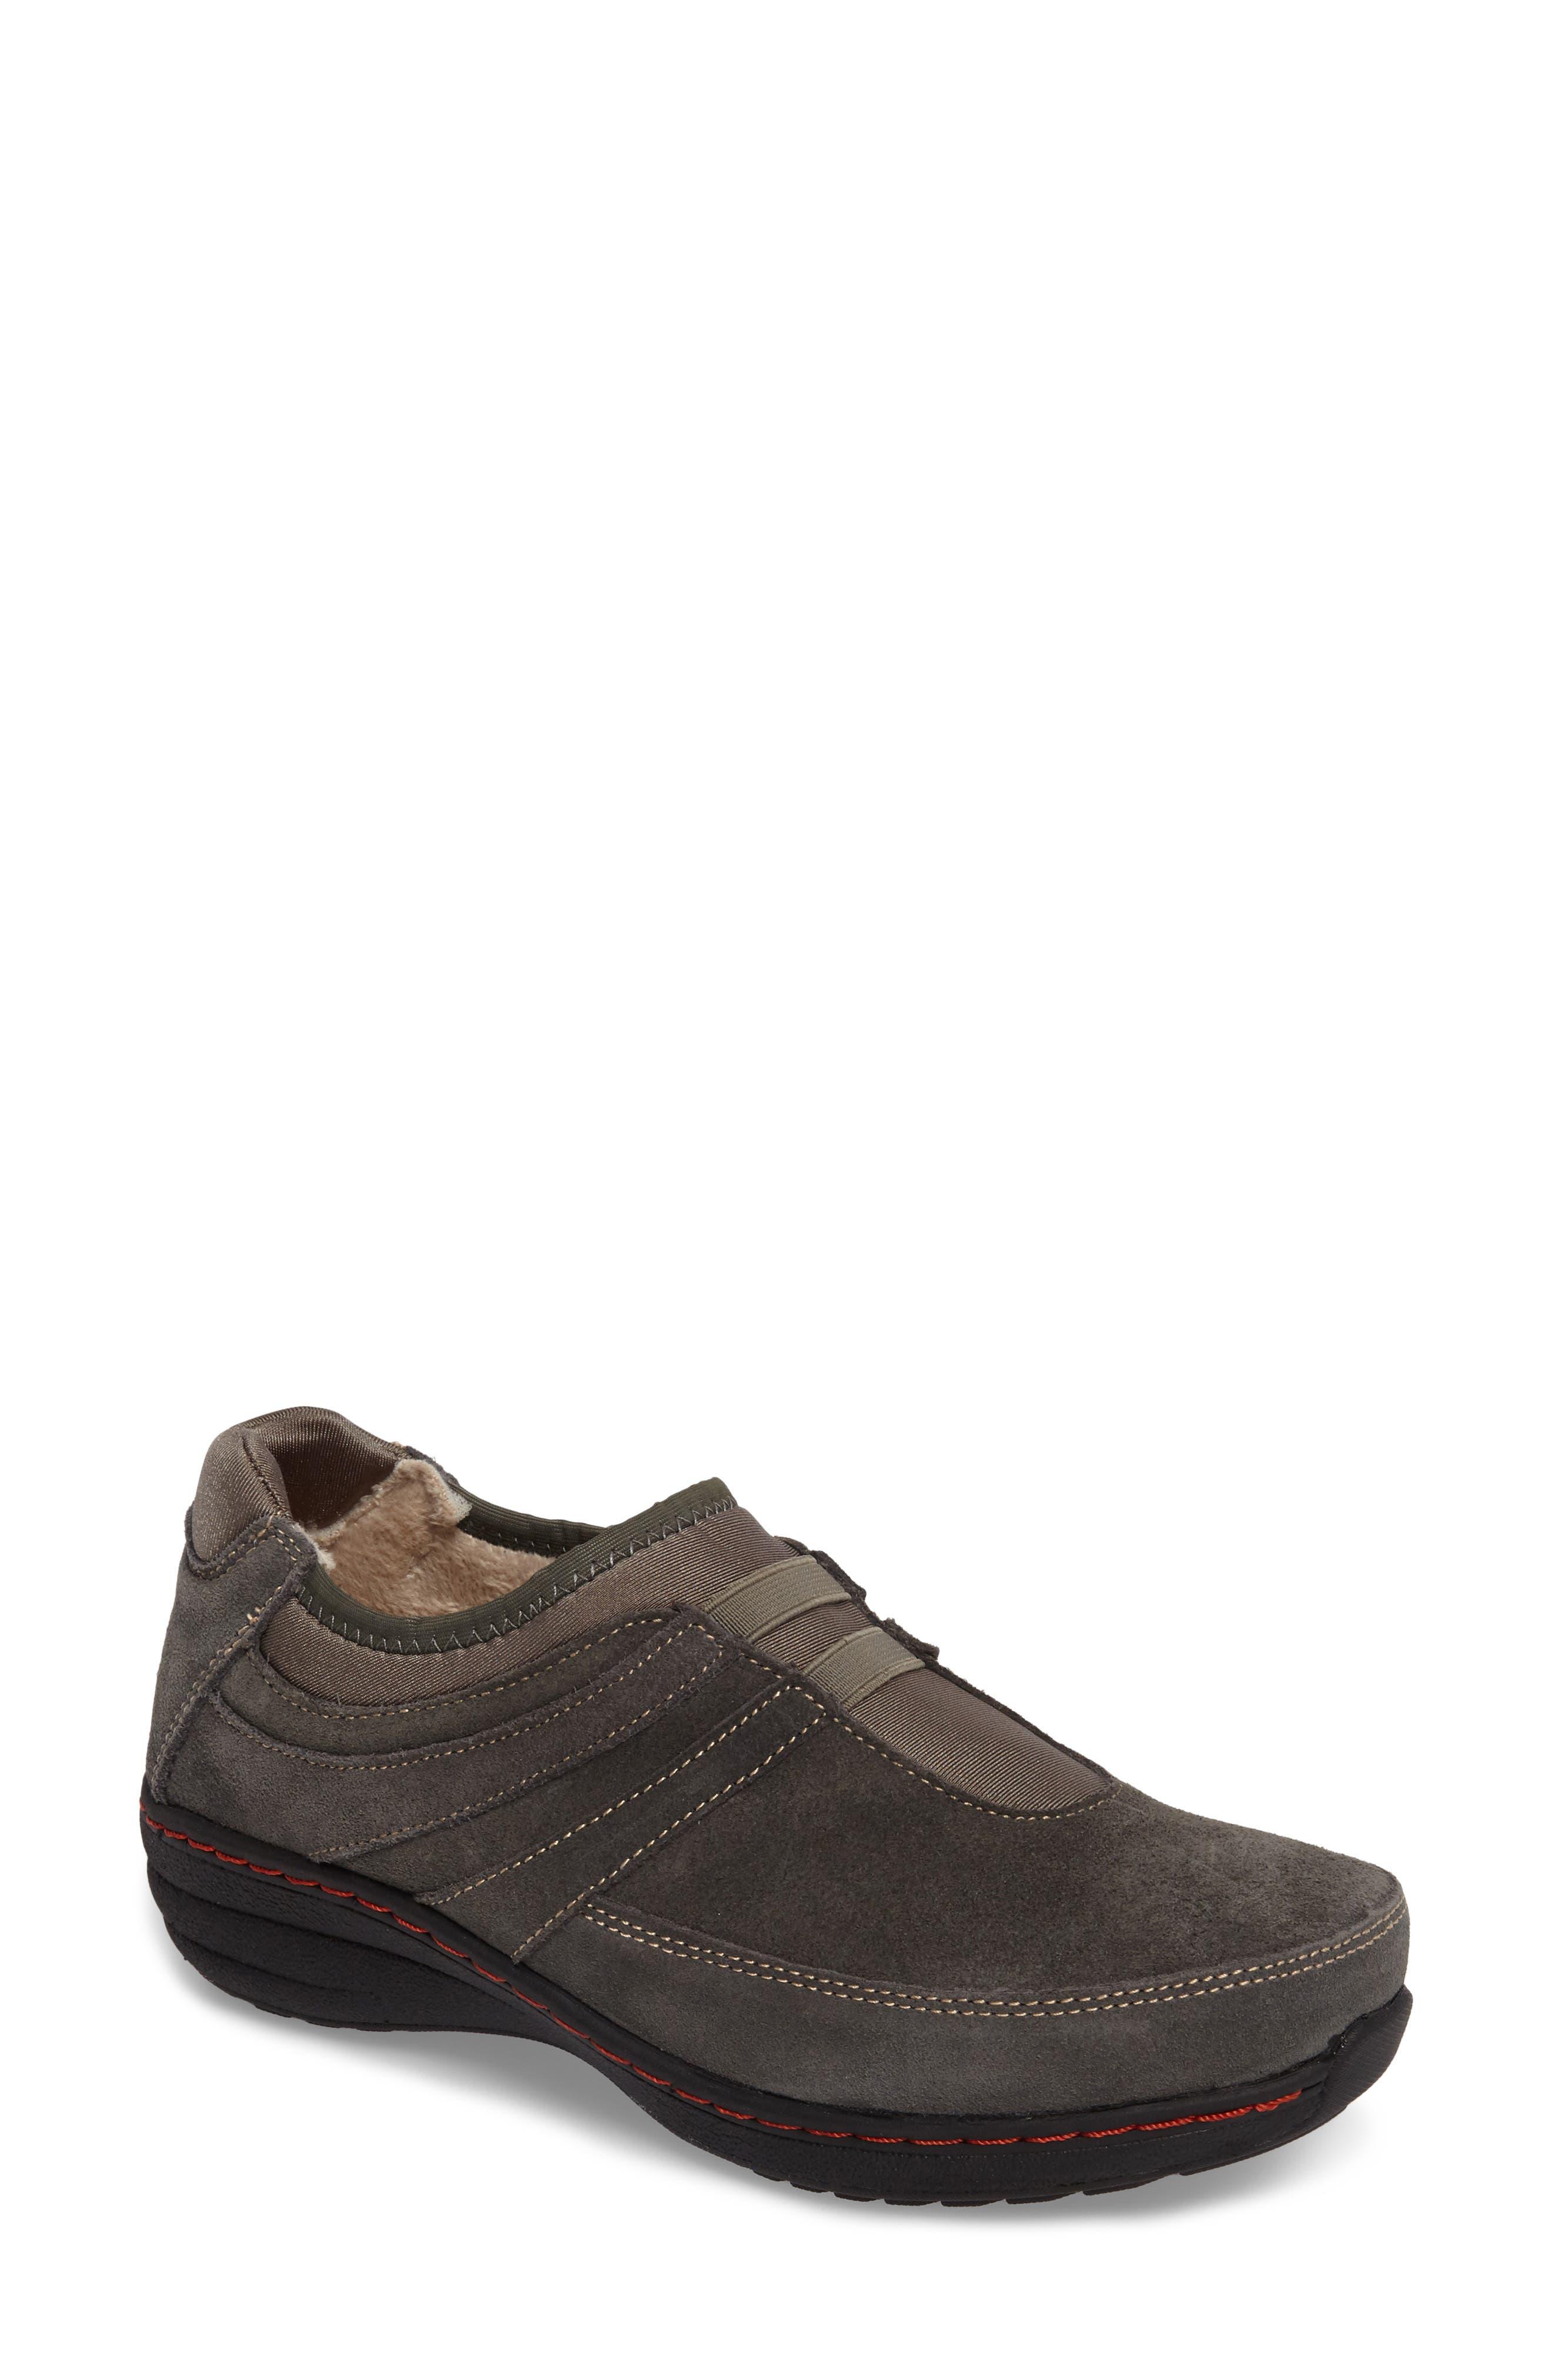 Berries Slip-On Sneaker,                         Main,                         color, GREYBERRY SUEDE